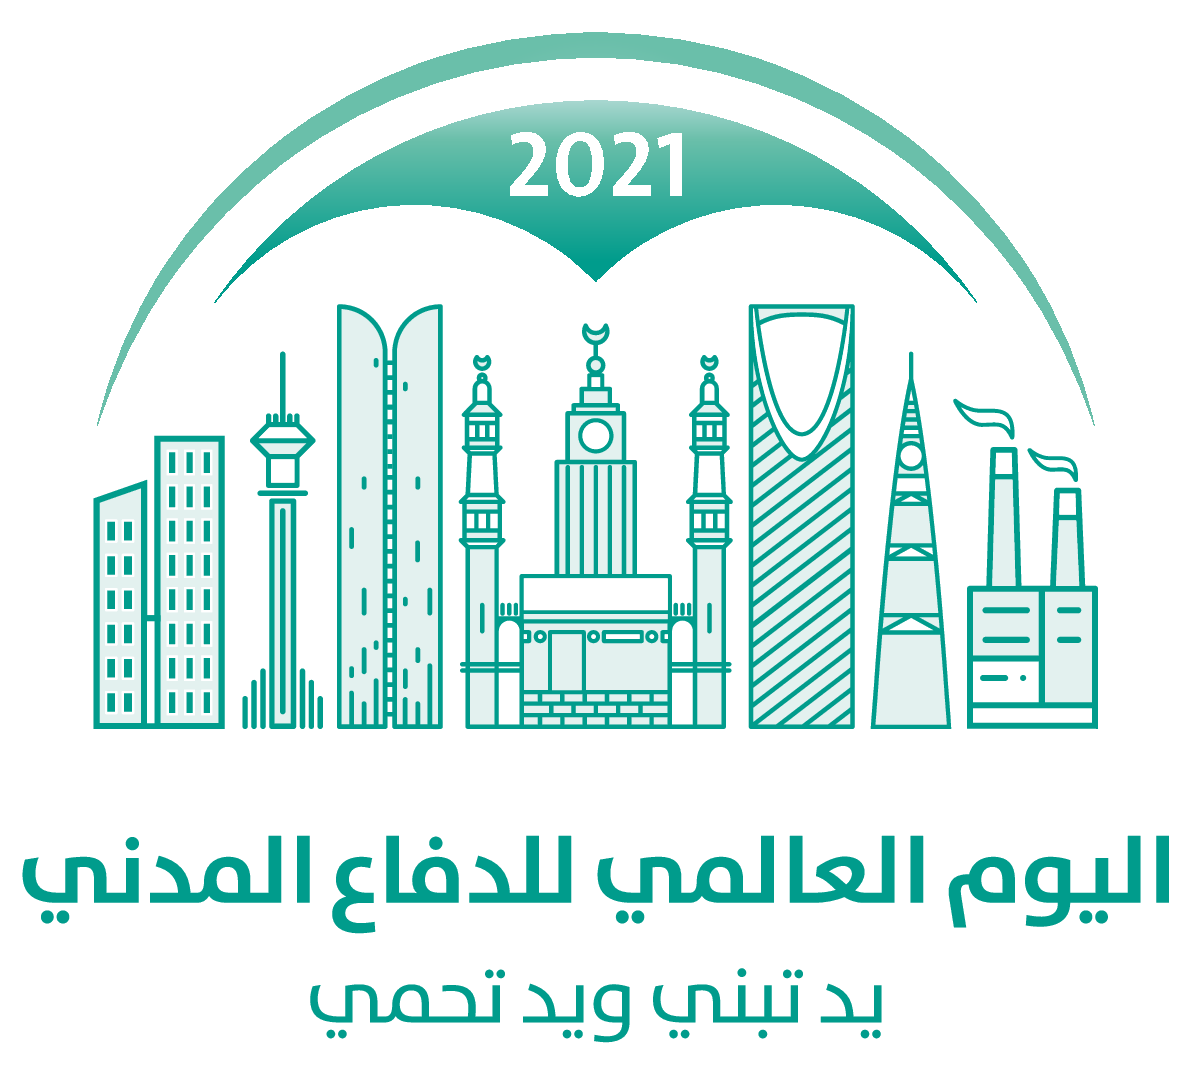 شعار اليوم العالمي للدفاع المدني 2021